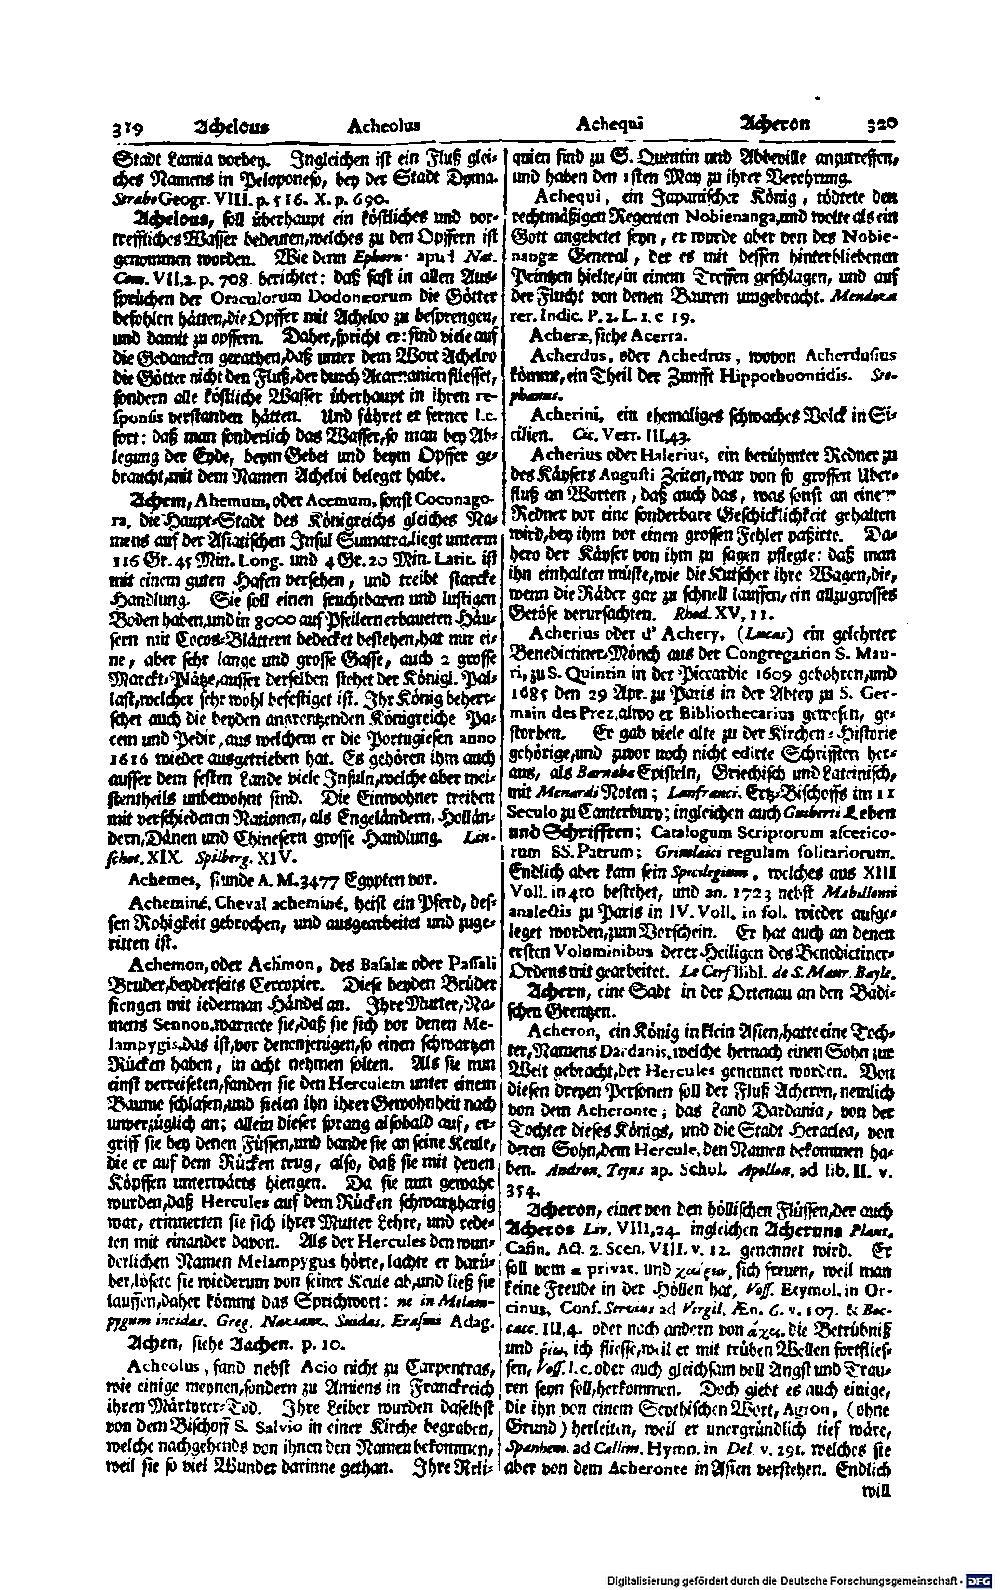 Bd. 01, Seite 0199.